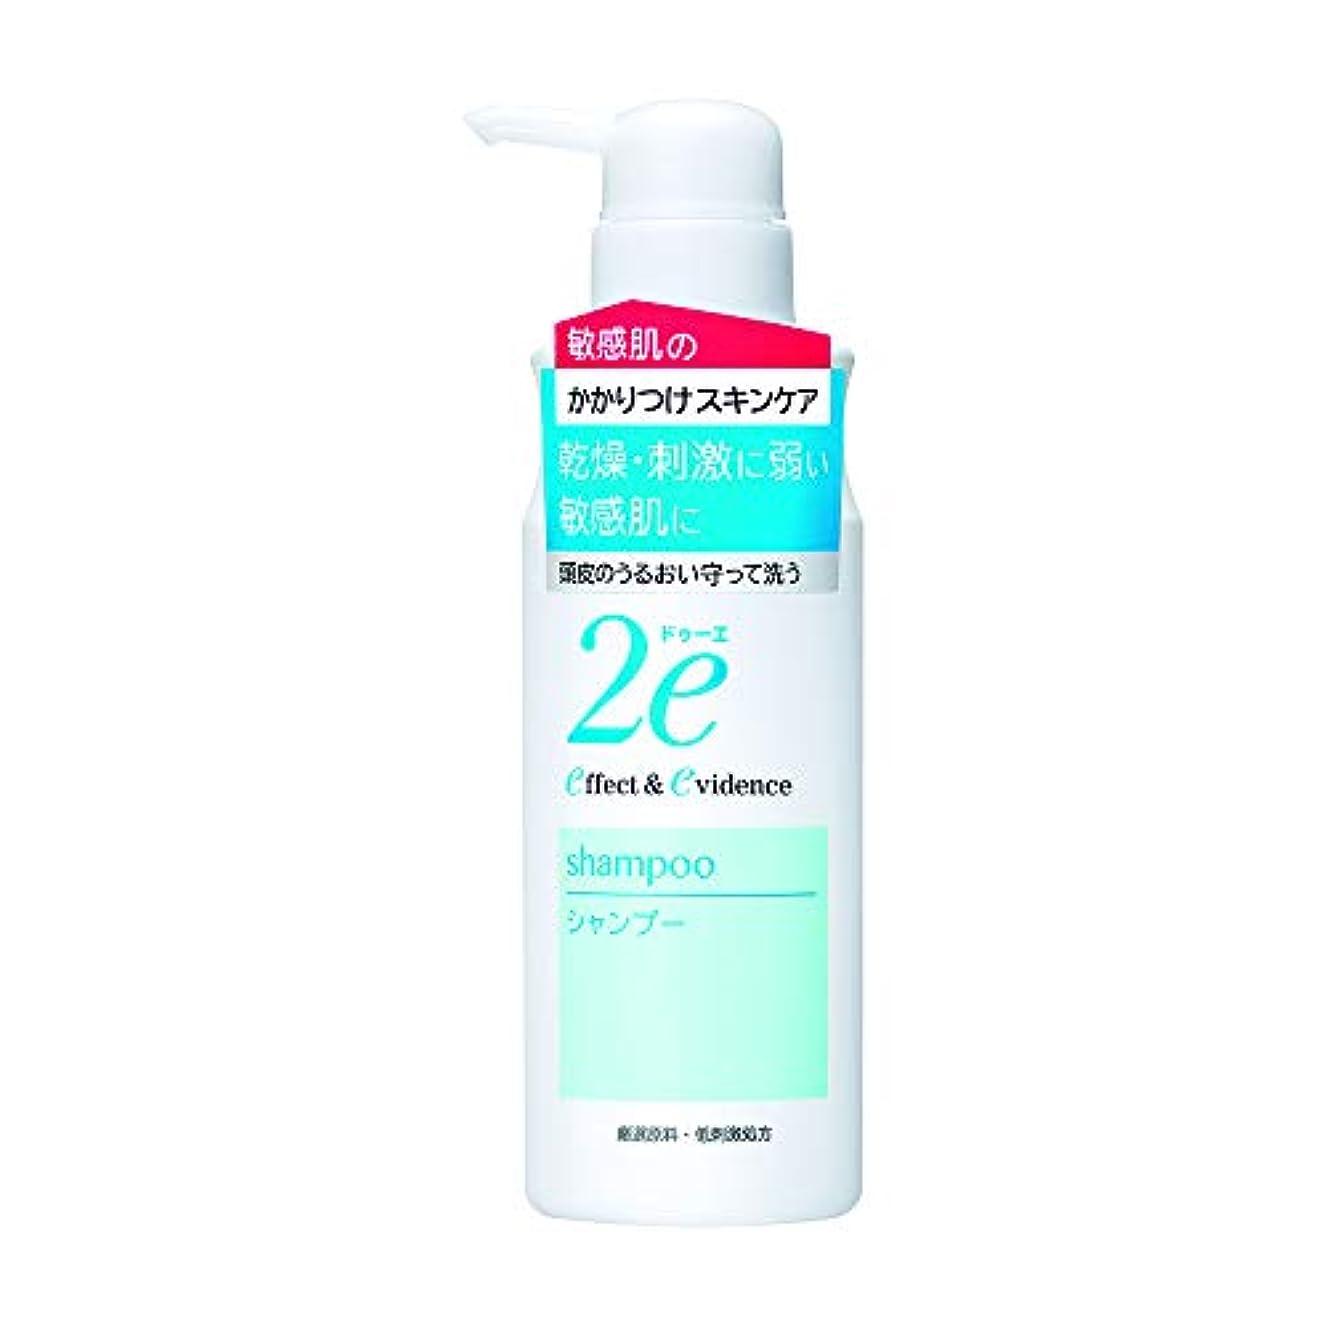 型泥だらけセールスマン2e(ドゥーエ) シャンプー 敏感肌用 低刺激処方 ノンシリコンタイプ 350ml